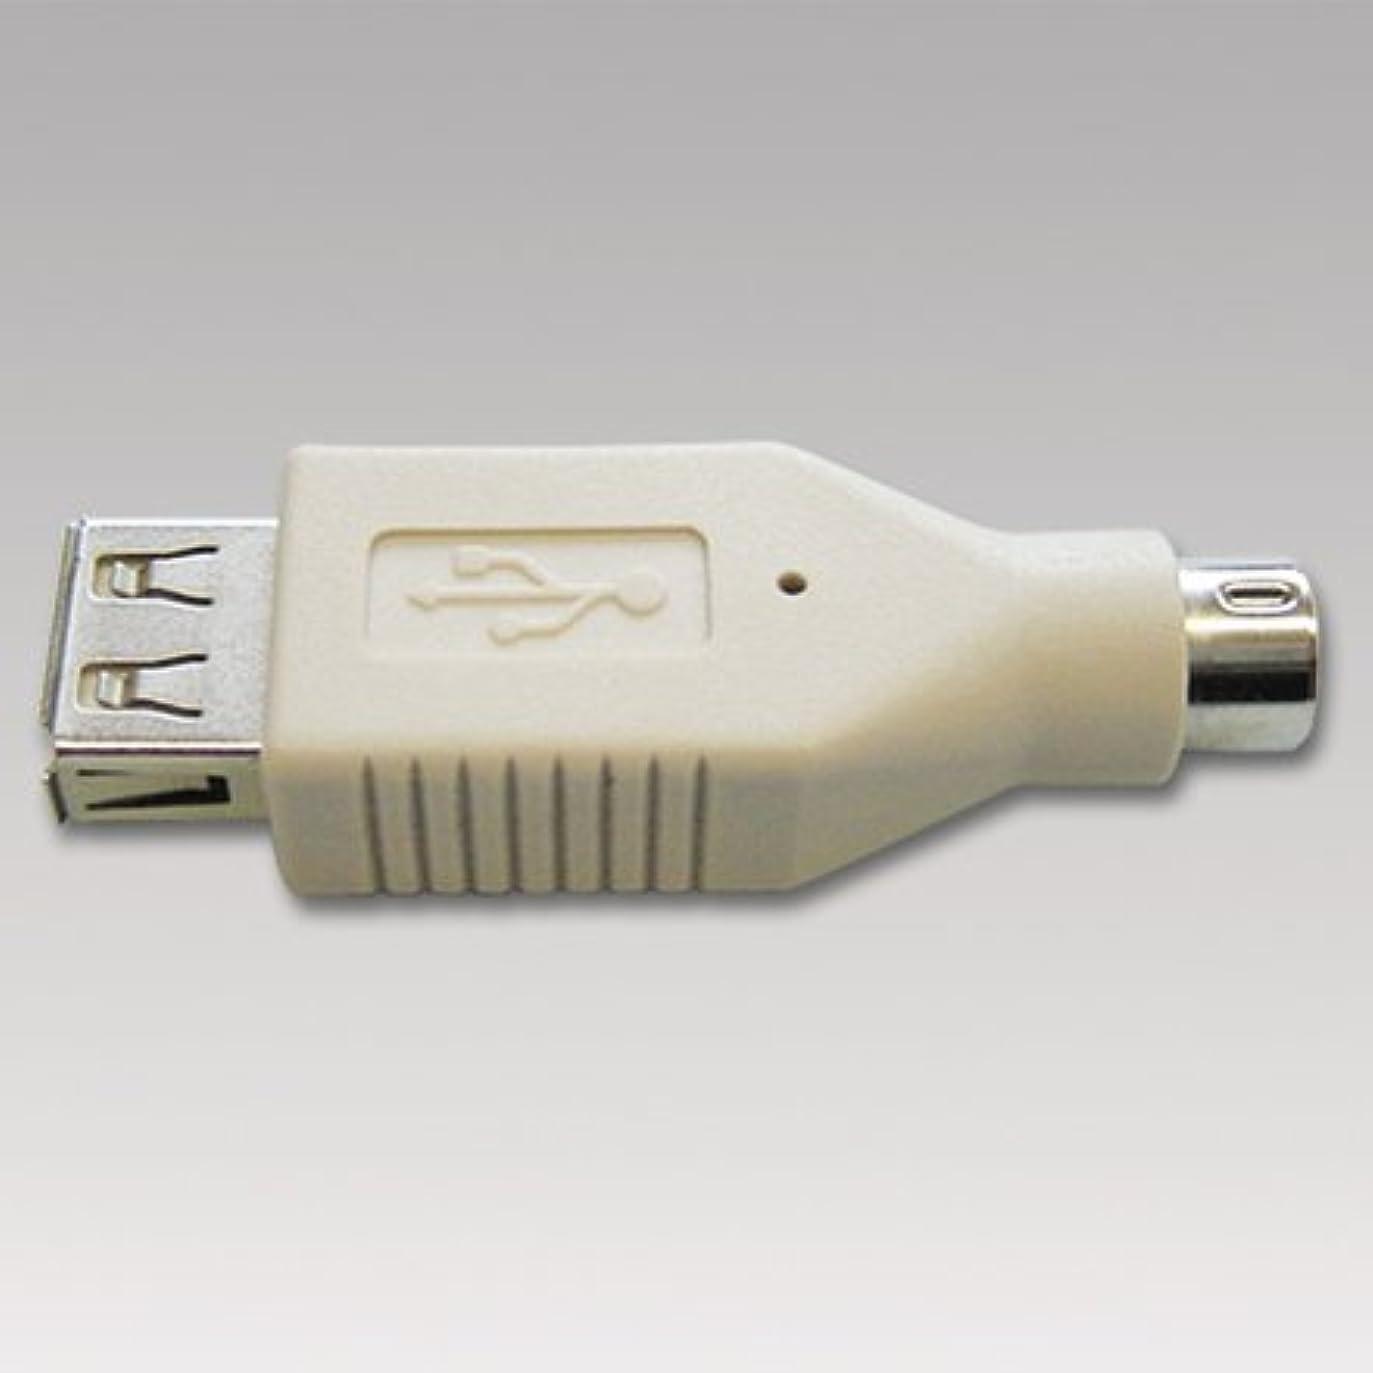 オーストラリア違反ユニークなPS / 2キーボード/マウスy-splitterケーブル